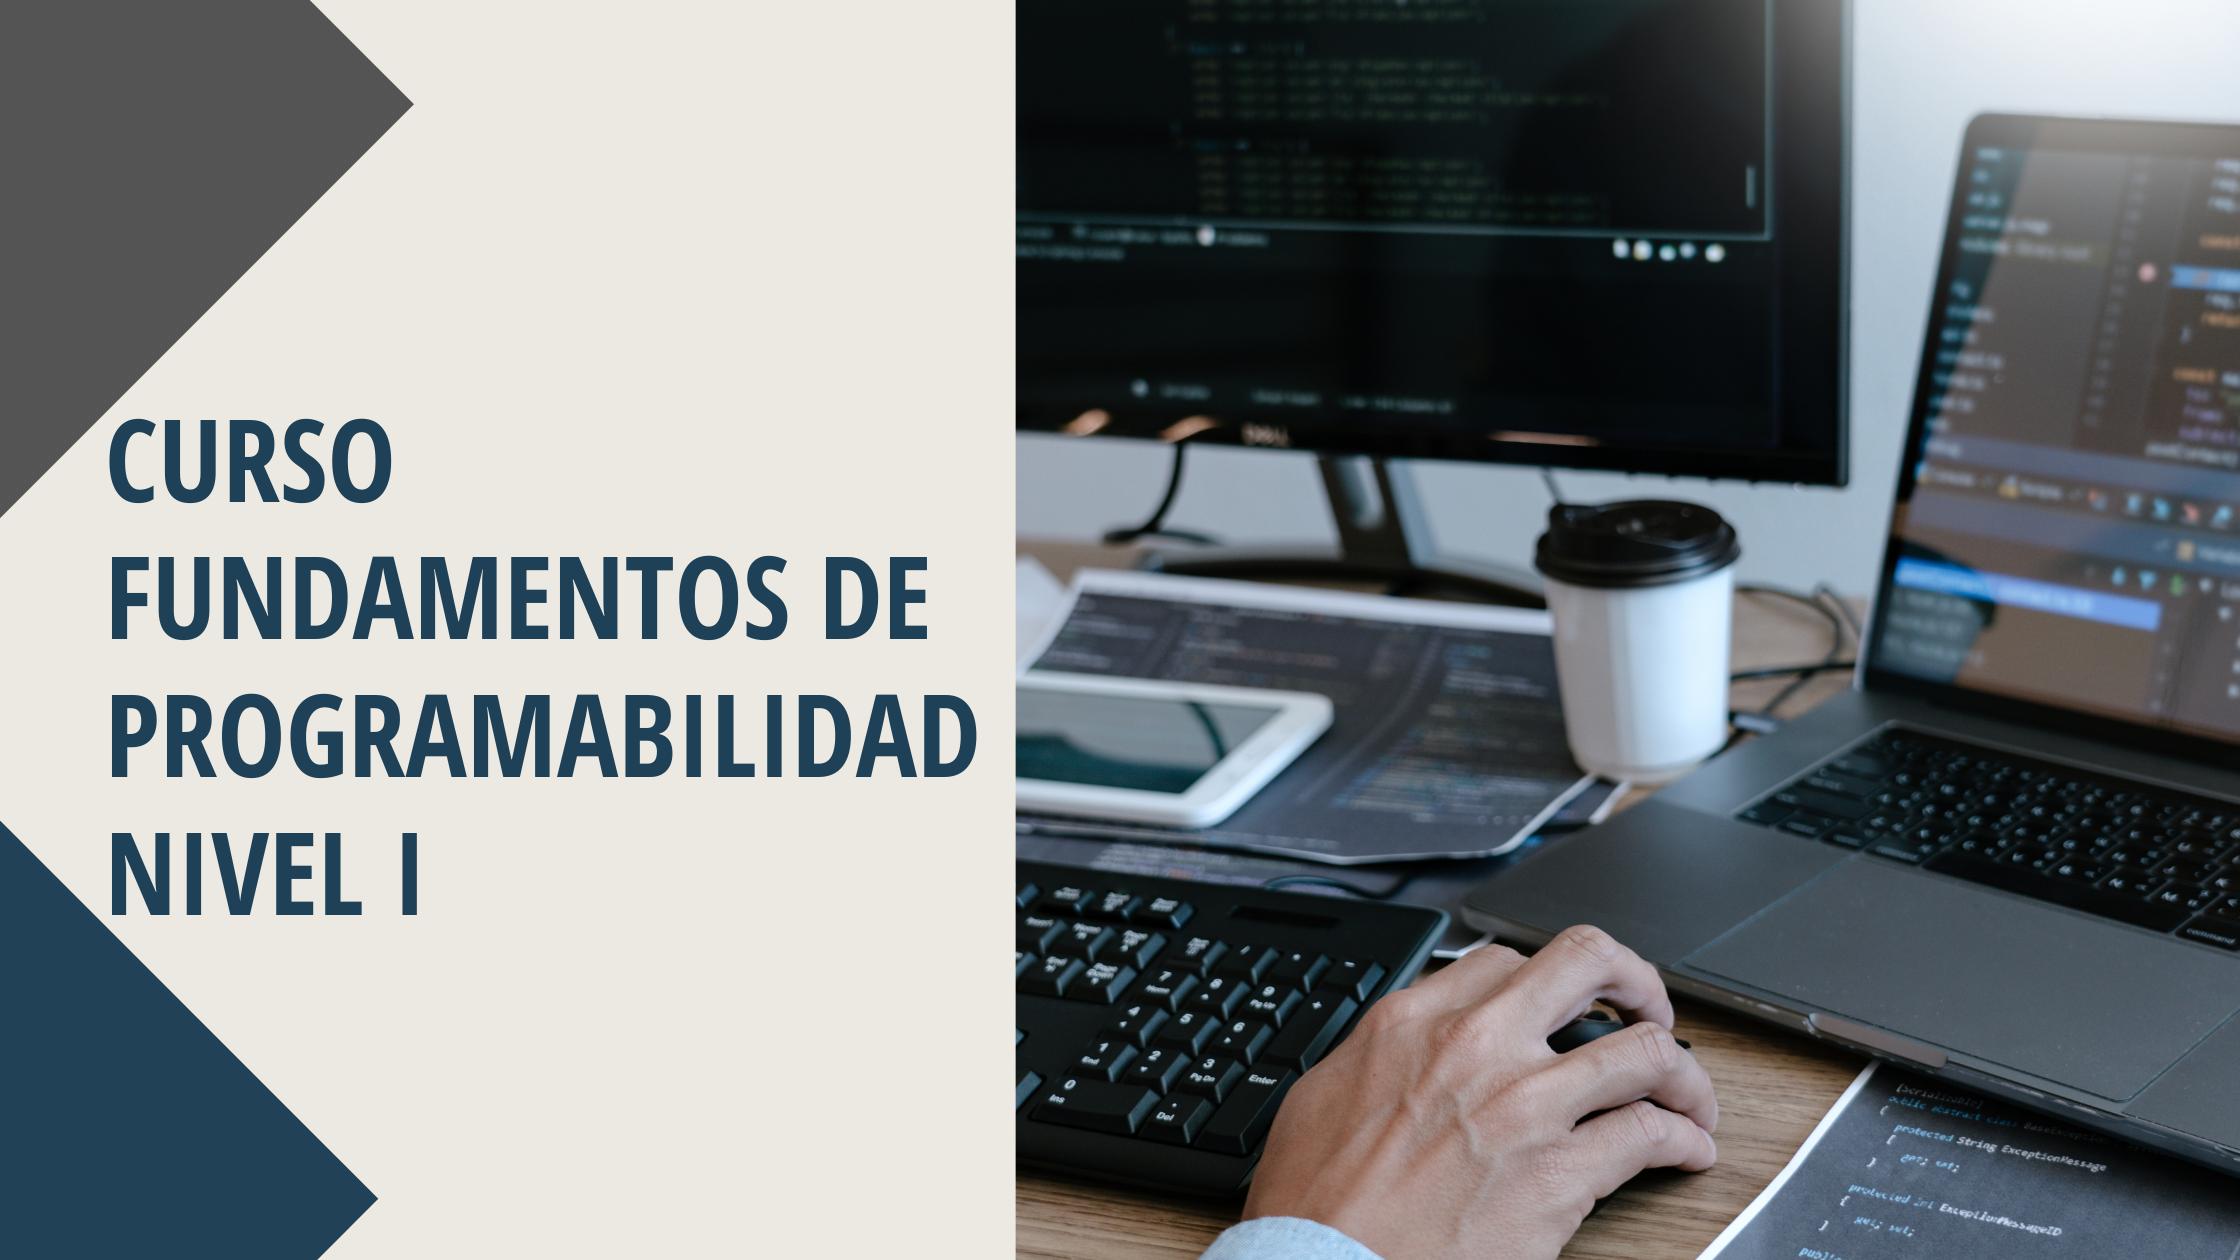 Fundamentos de Programabilidad Nivel I